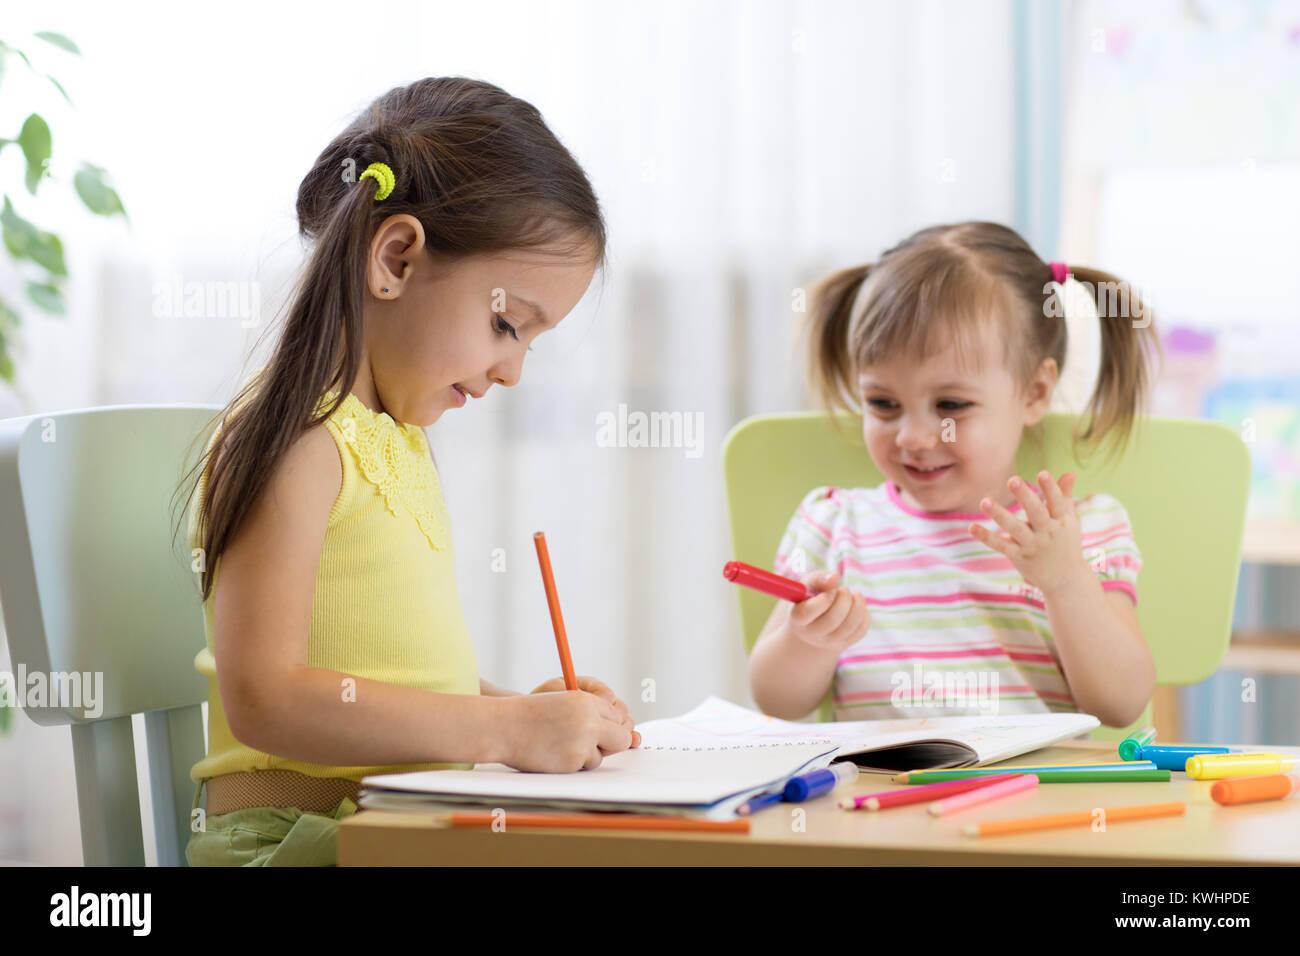 Dei bambini felici disegno nella nursery room Immagini Stock